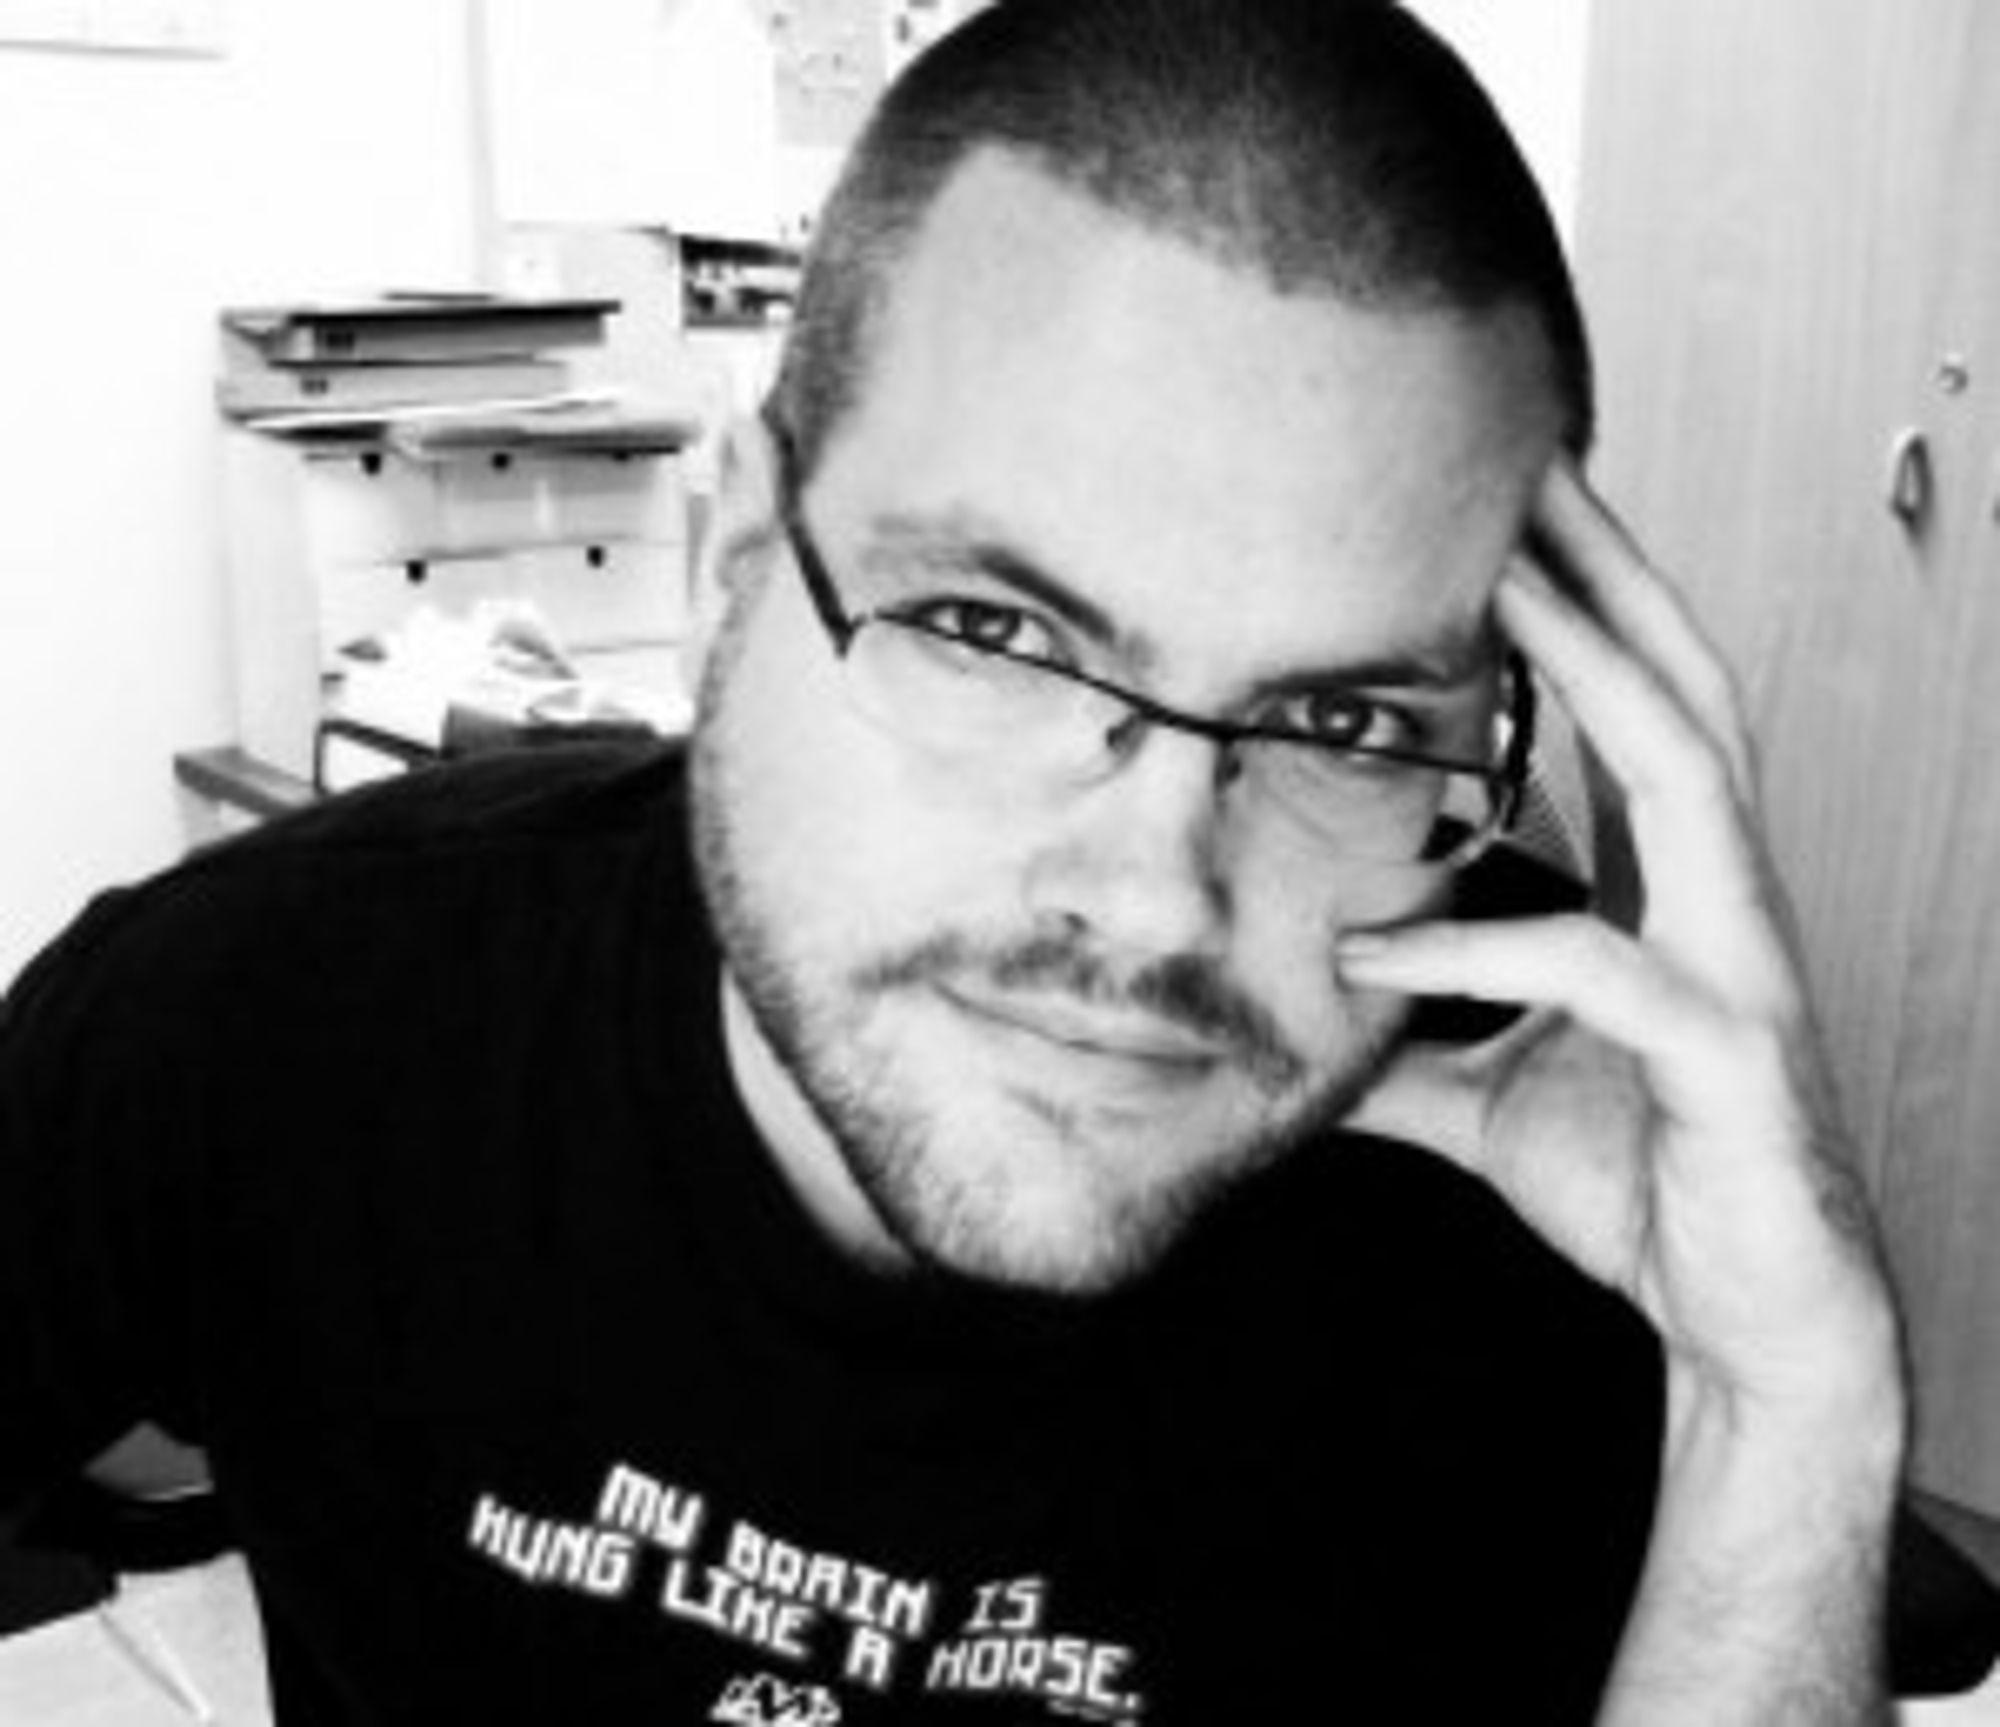 Gunnar Tjomlid foretrekker å blogge fra Mac fremfor mobil eller nettbrett.